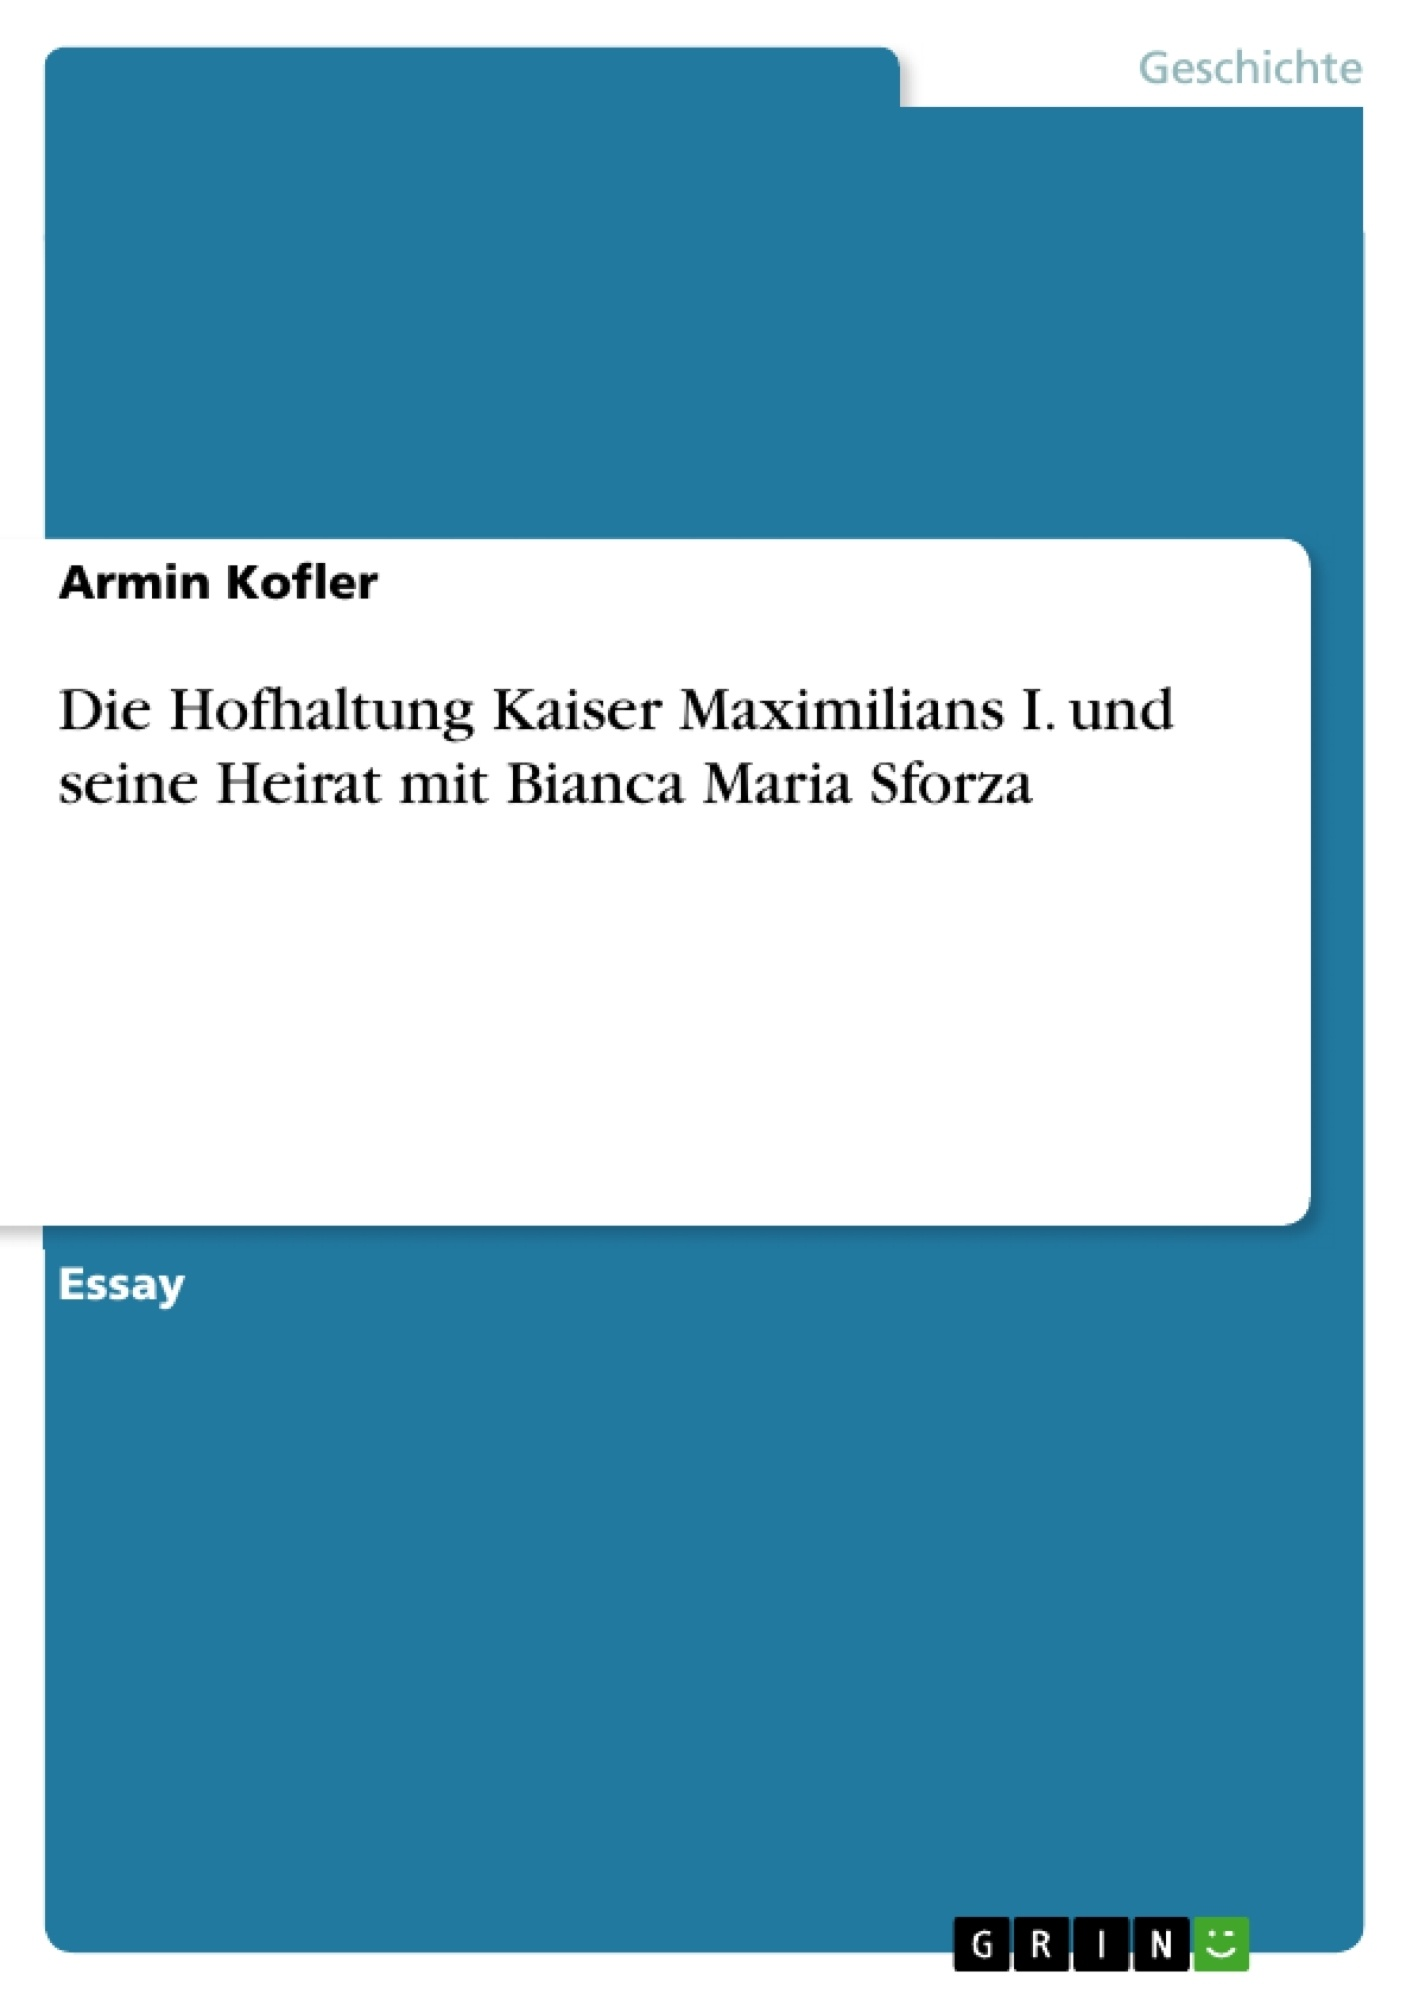 Titel: Die Hofhaltung Kaiser Maximilians I. und seine Heirat mit Bianca Maria Sforza